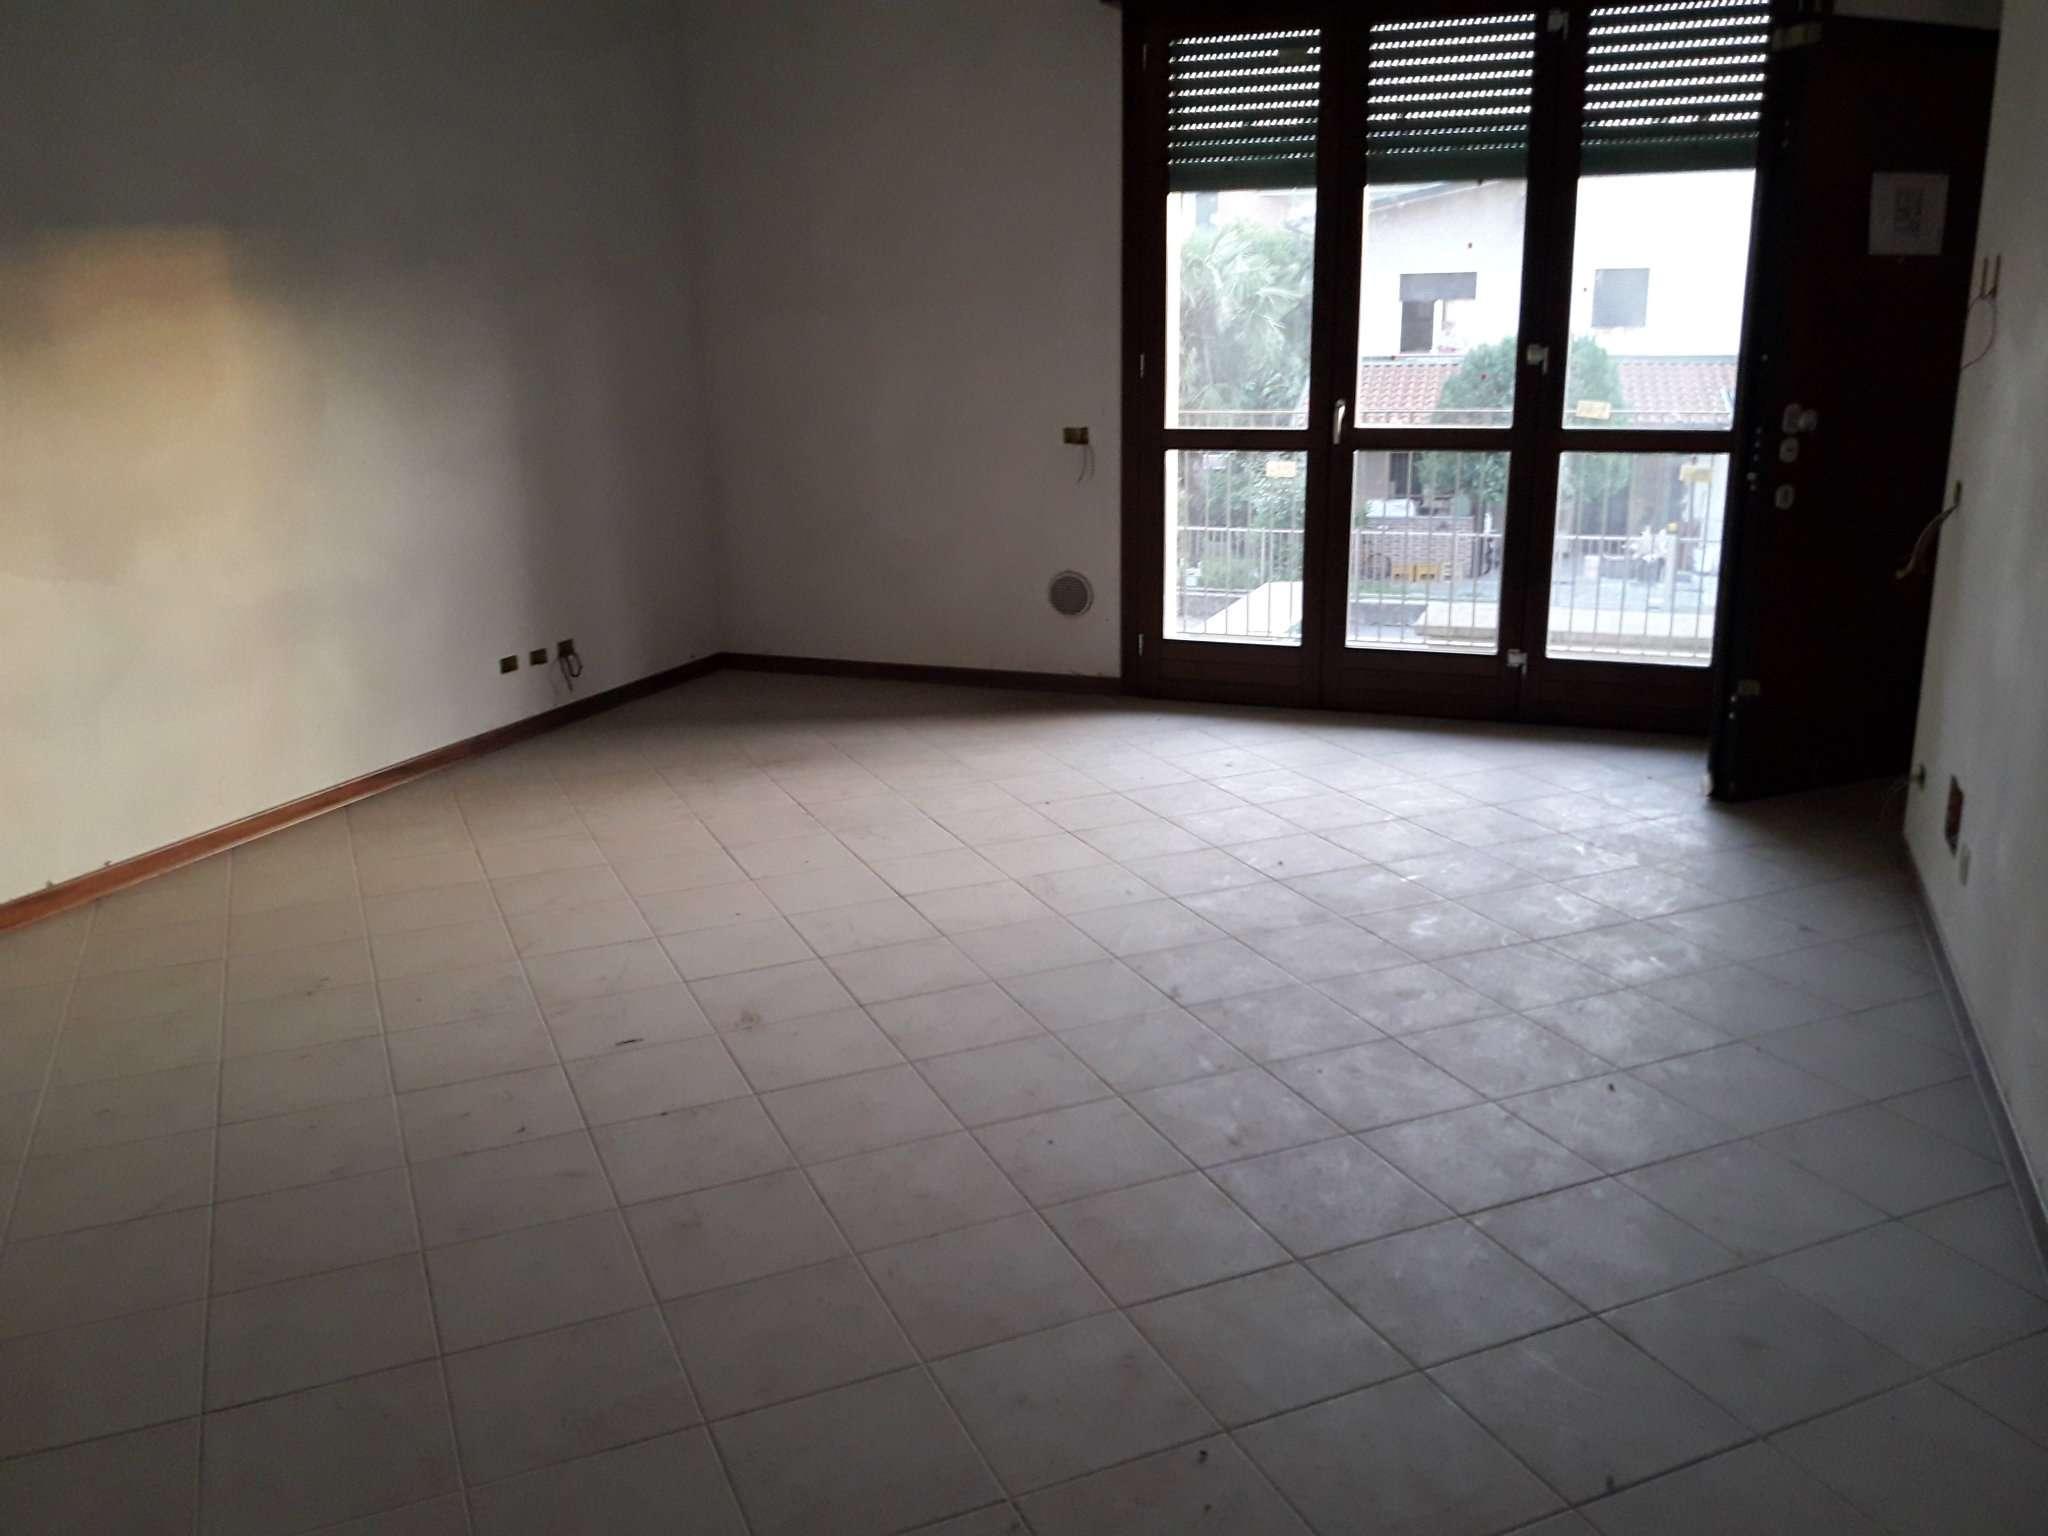 Appartamento in vendita a Solbiate Olona, 3 locali, prezzo € 118.800 | CambioCasa.it